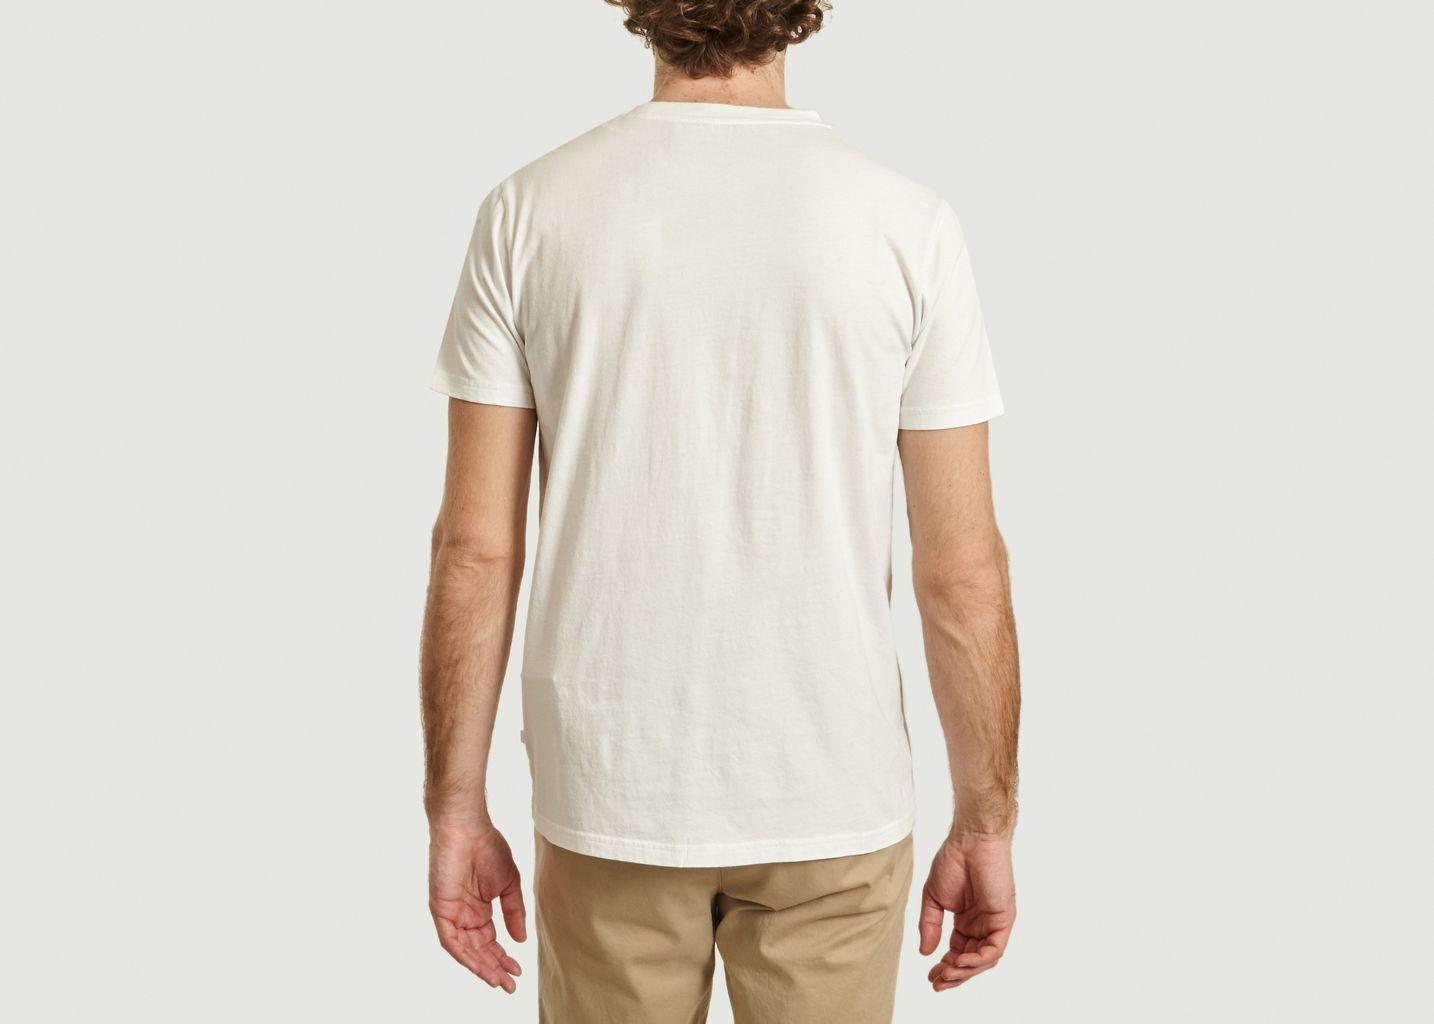 T-Shirt Wave en Coton Bio - Knowledge Cotton Apparel